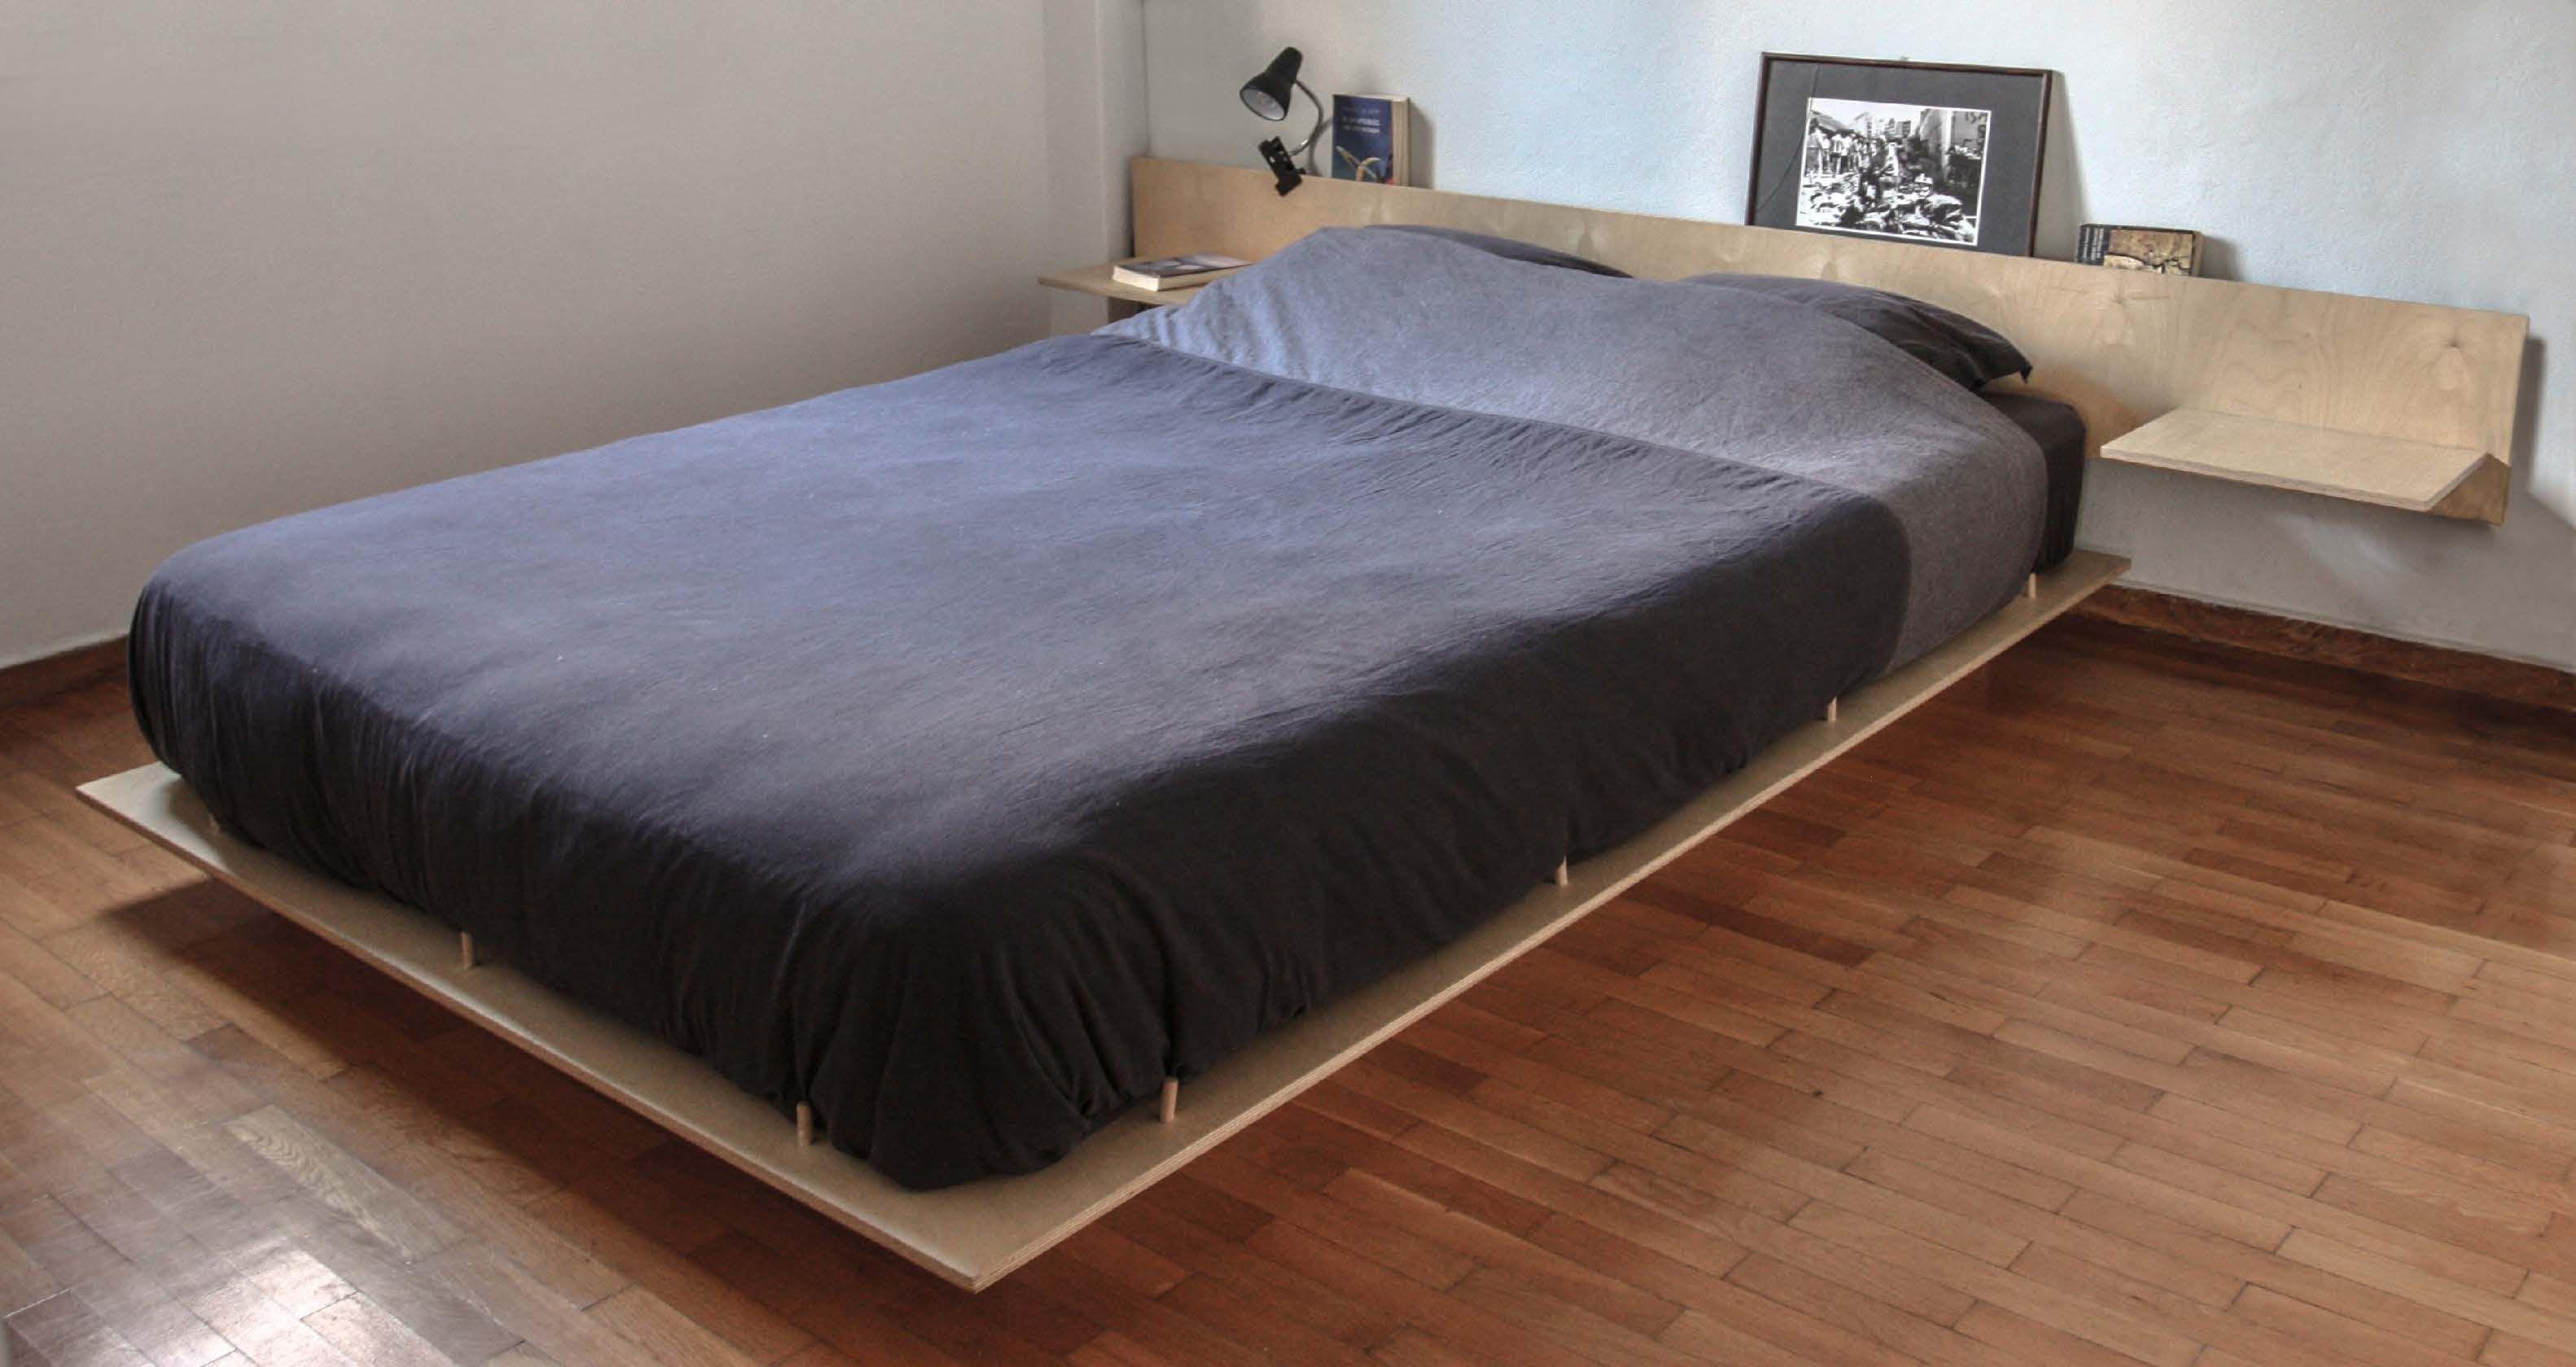 Plywood Floating Bed Floating Bed Furniture Design Bed